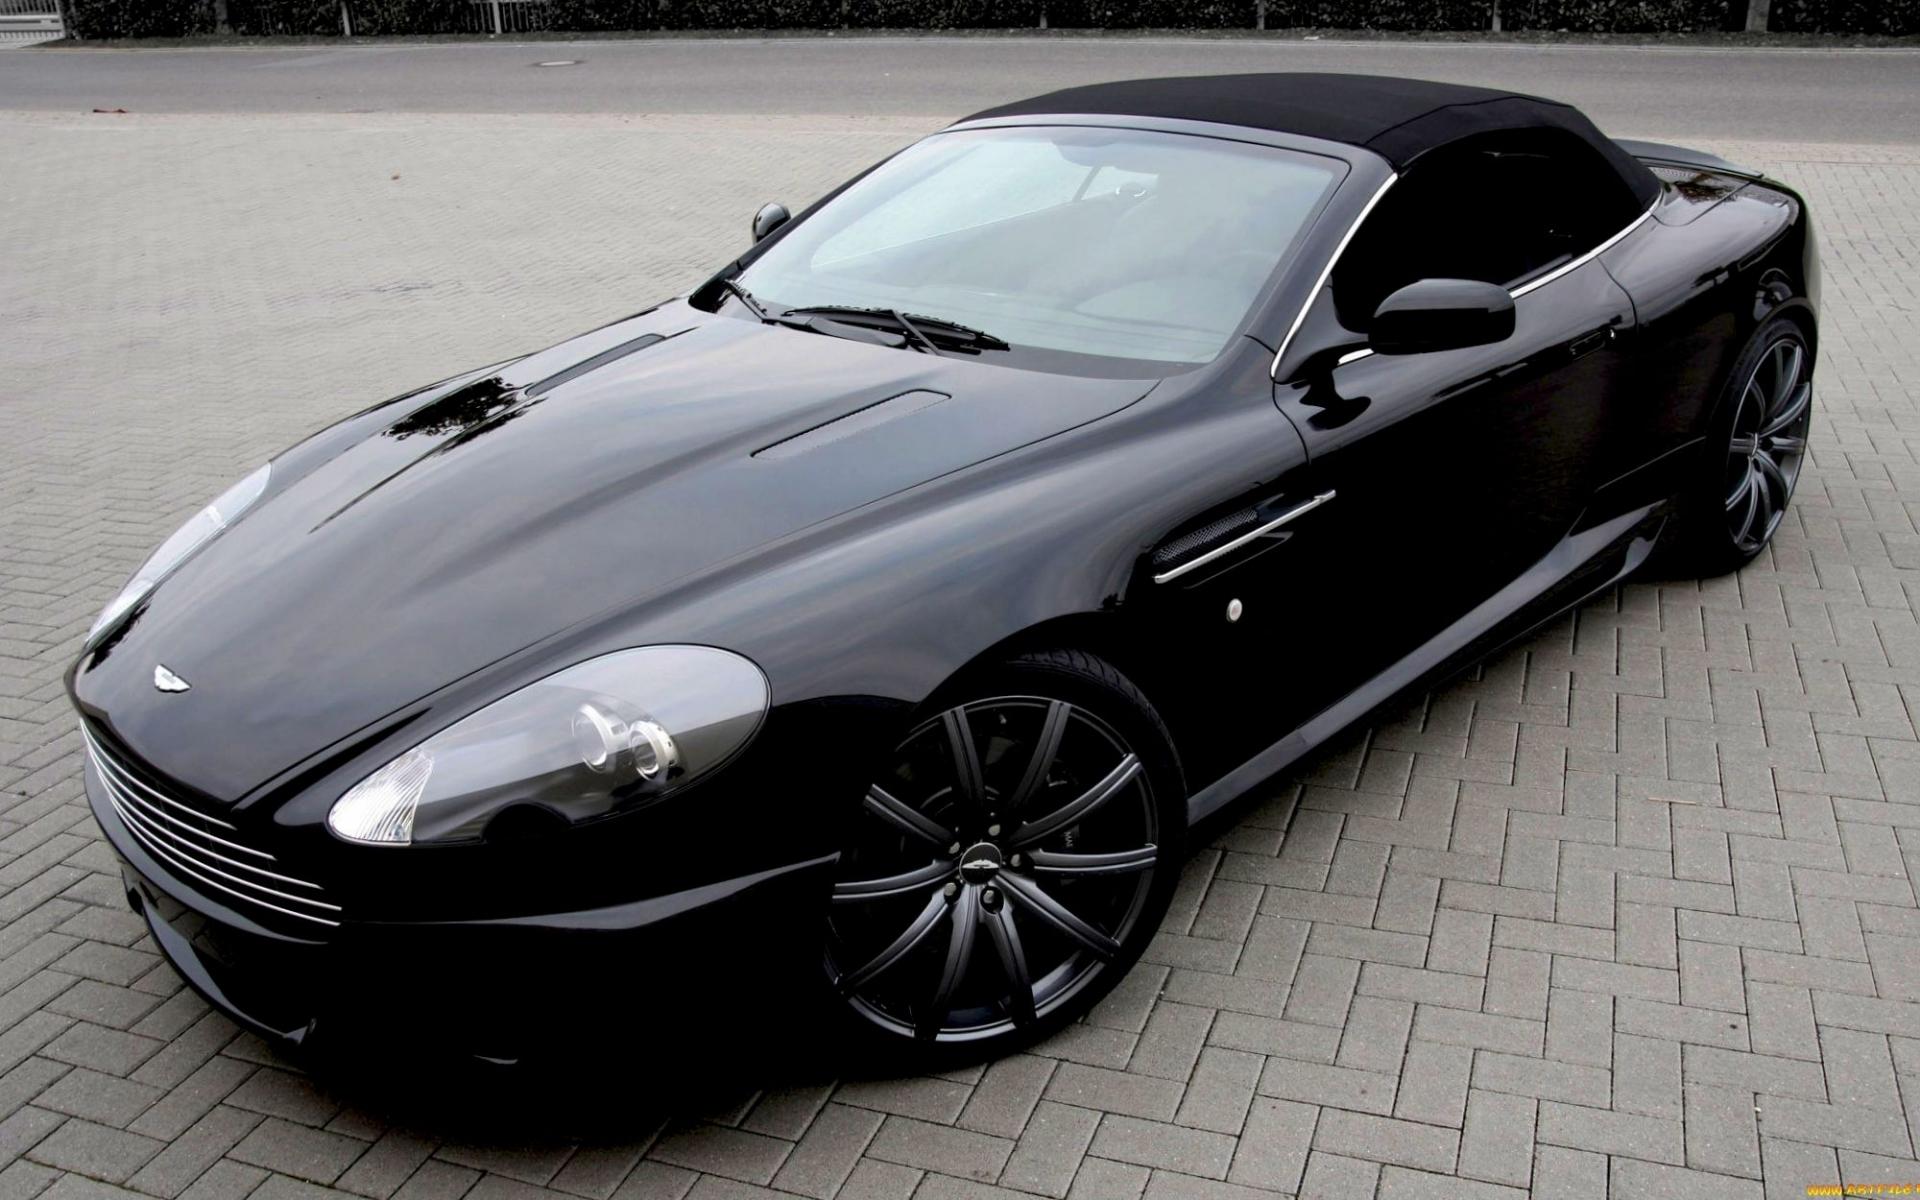 43440 скачать обои Транспорт, Машины, Астон Мартин (Aston Martin) - заставки и картинки бесплатно